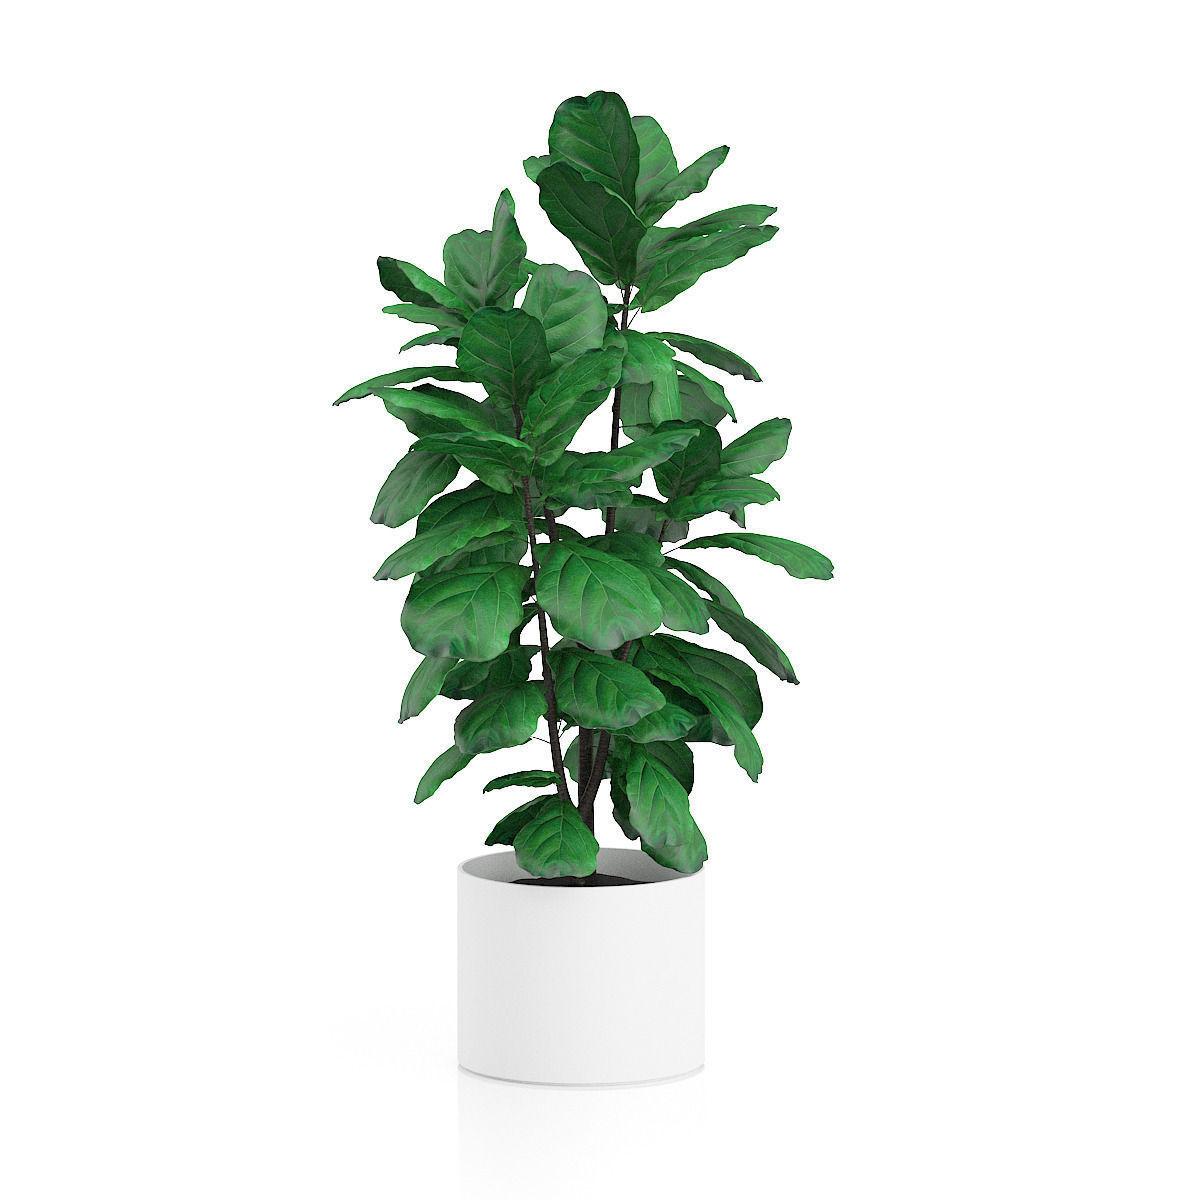 potted ficus tree 3d model max obj fbx c4d mtl 3 - Ficus Trees